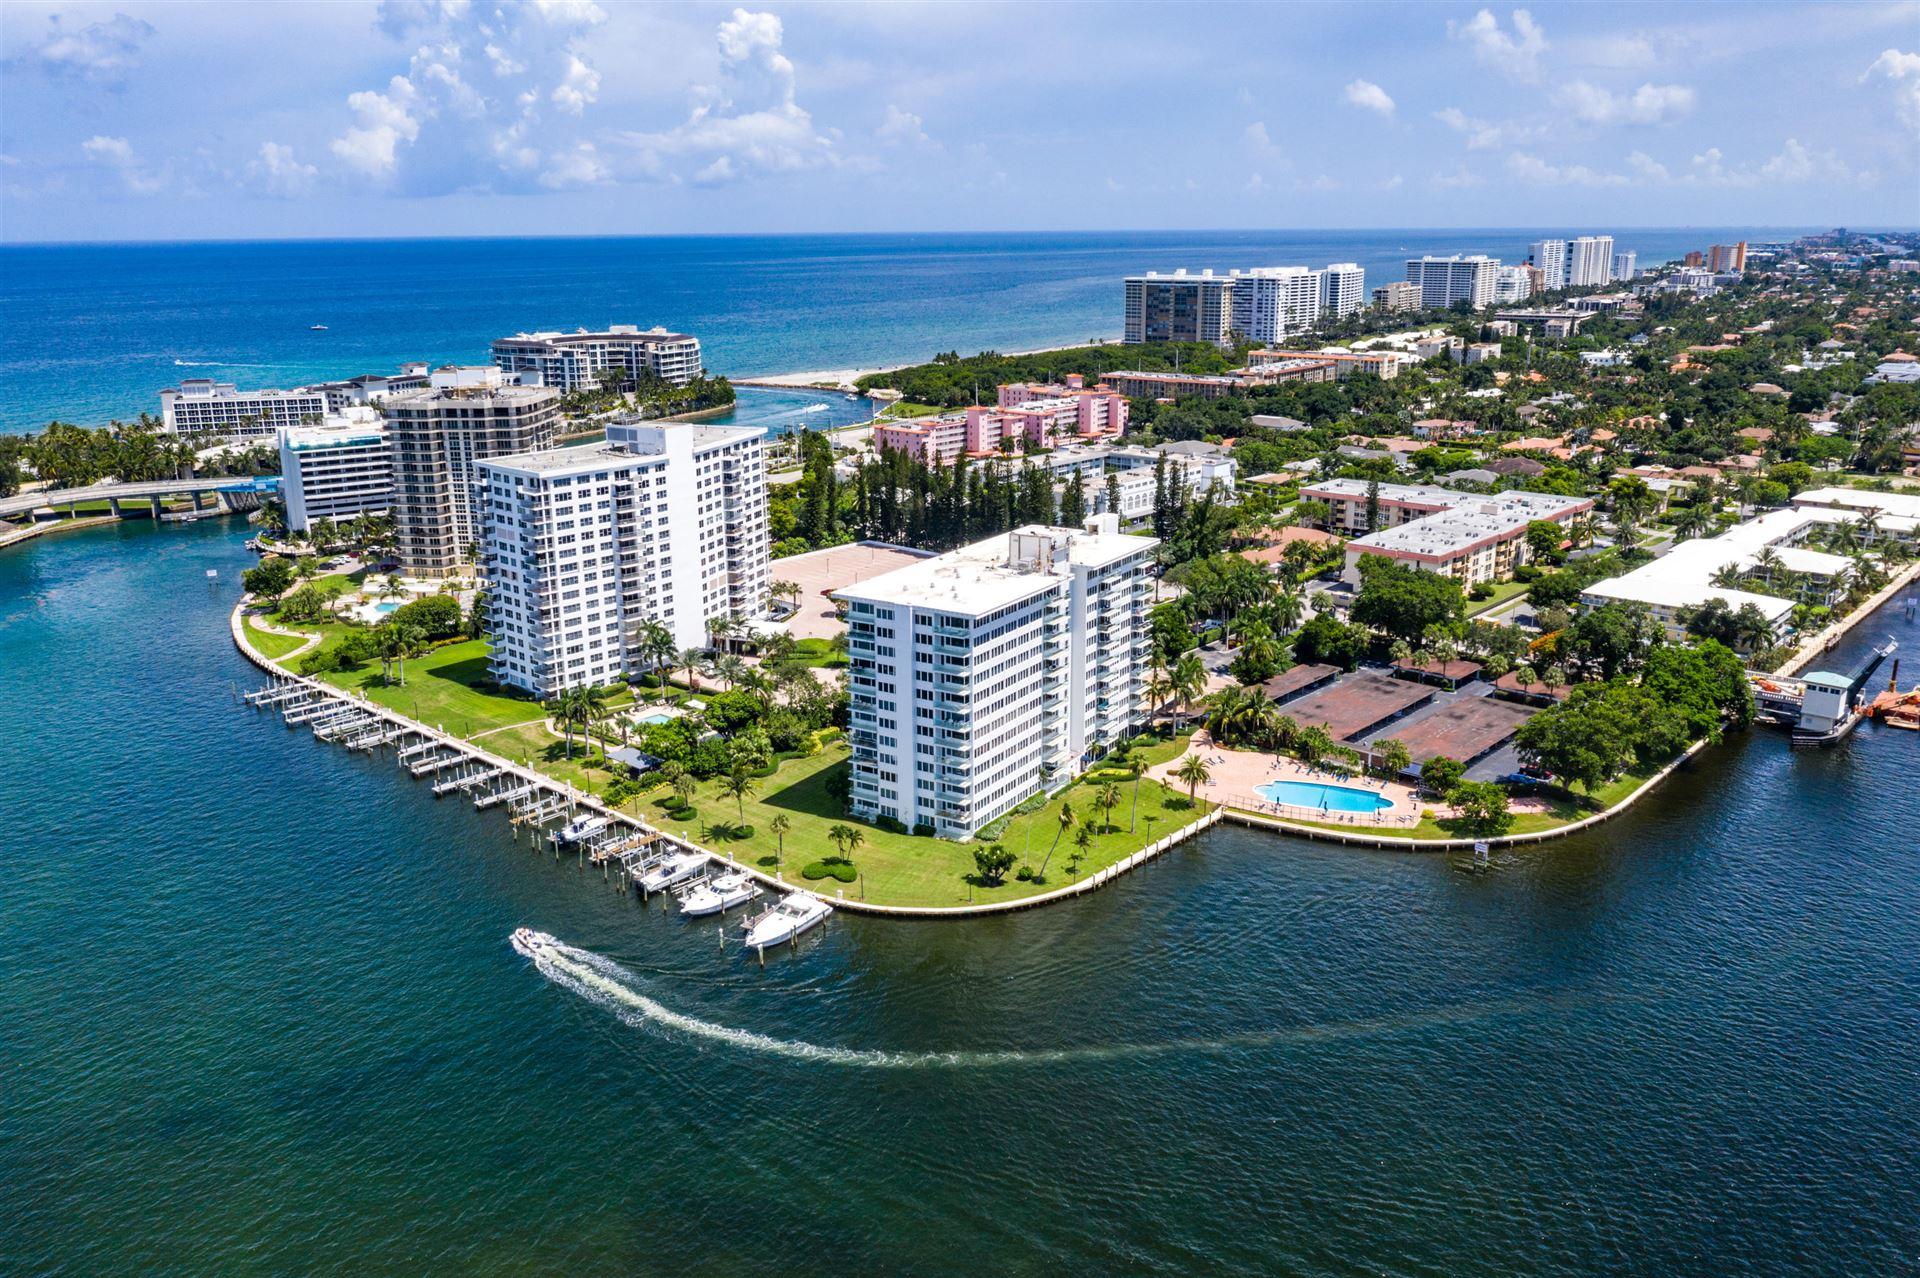 701 E Camino Real #8c, Boca Raton, FL 33432 - #: RX-10700393